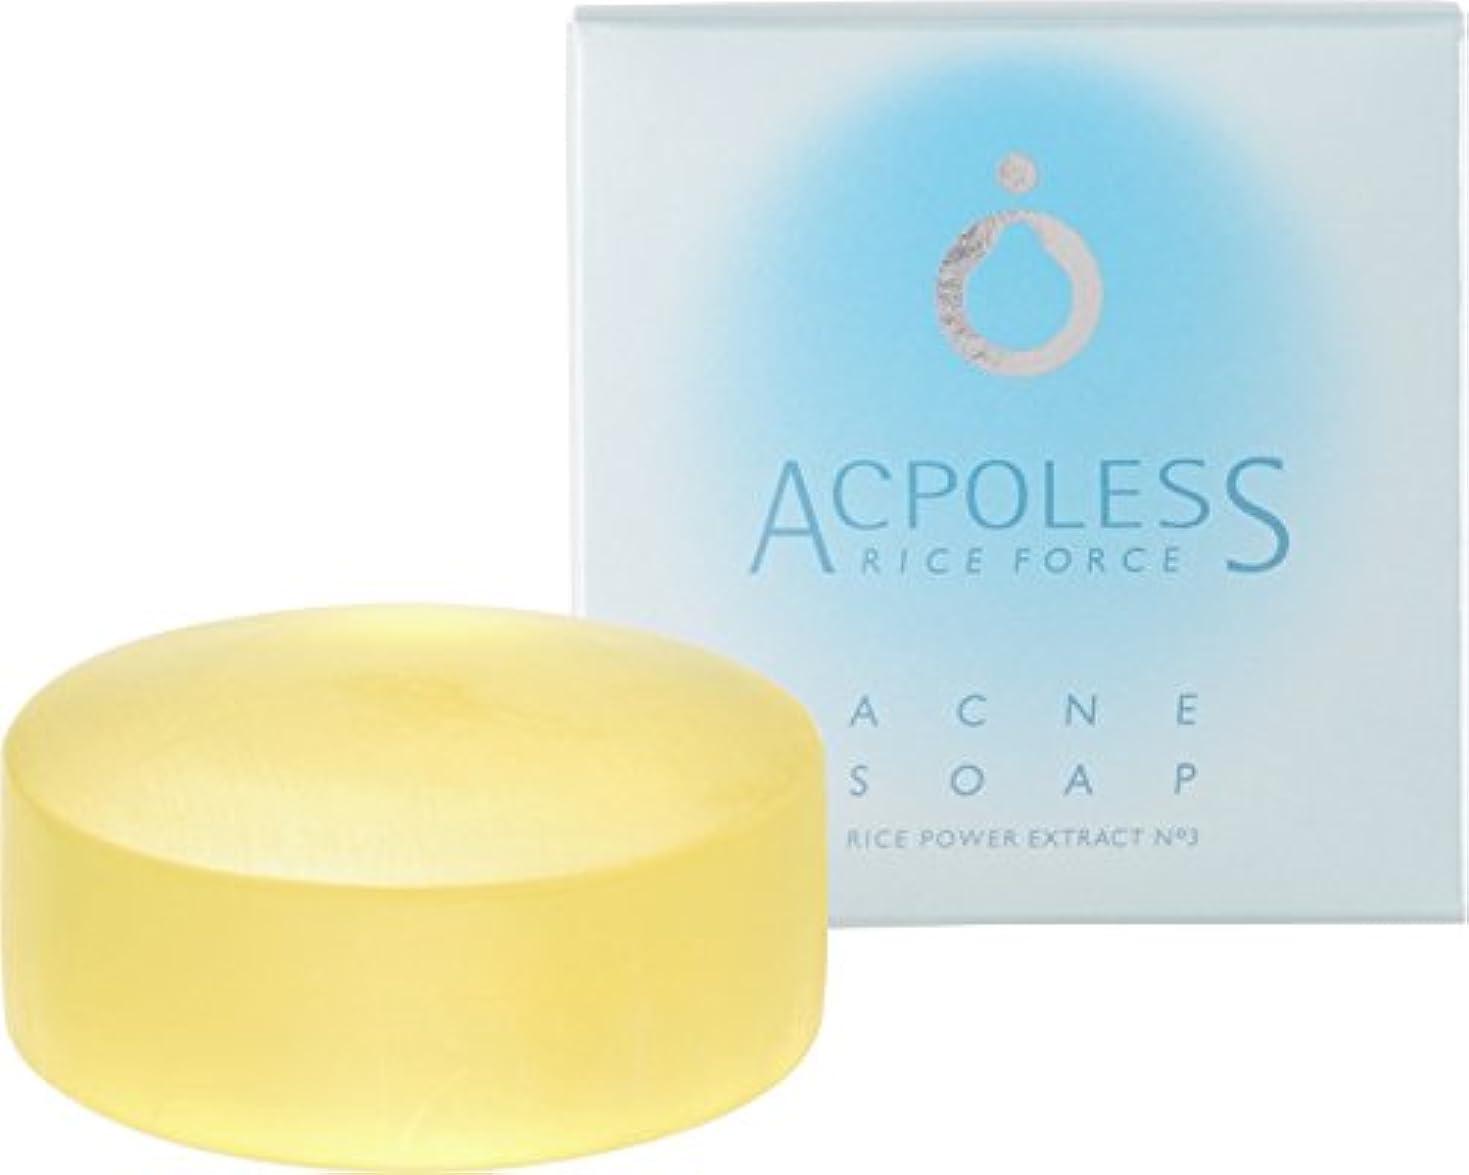 ライスフォース アクポレス アクネソープ(薬用洗顔石鹸) 80g